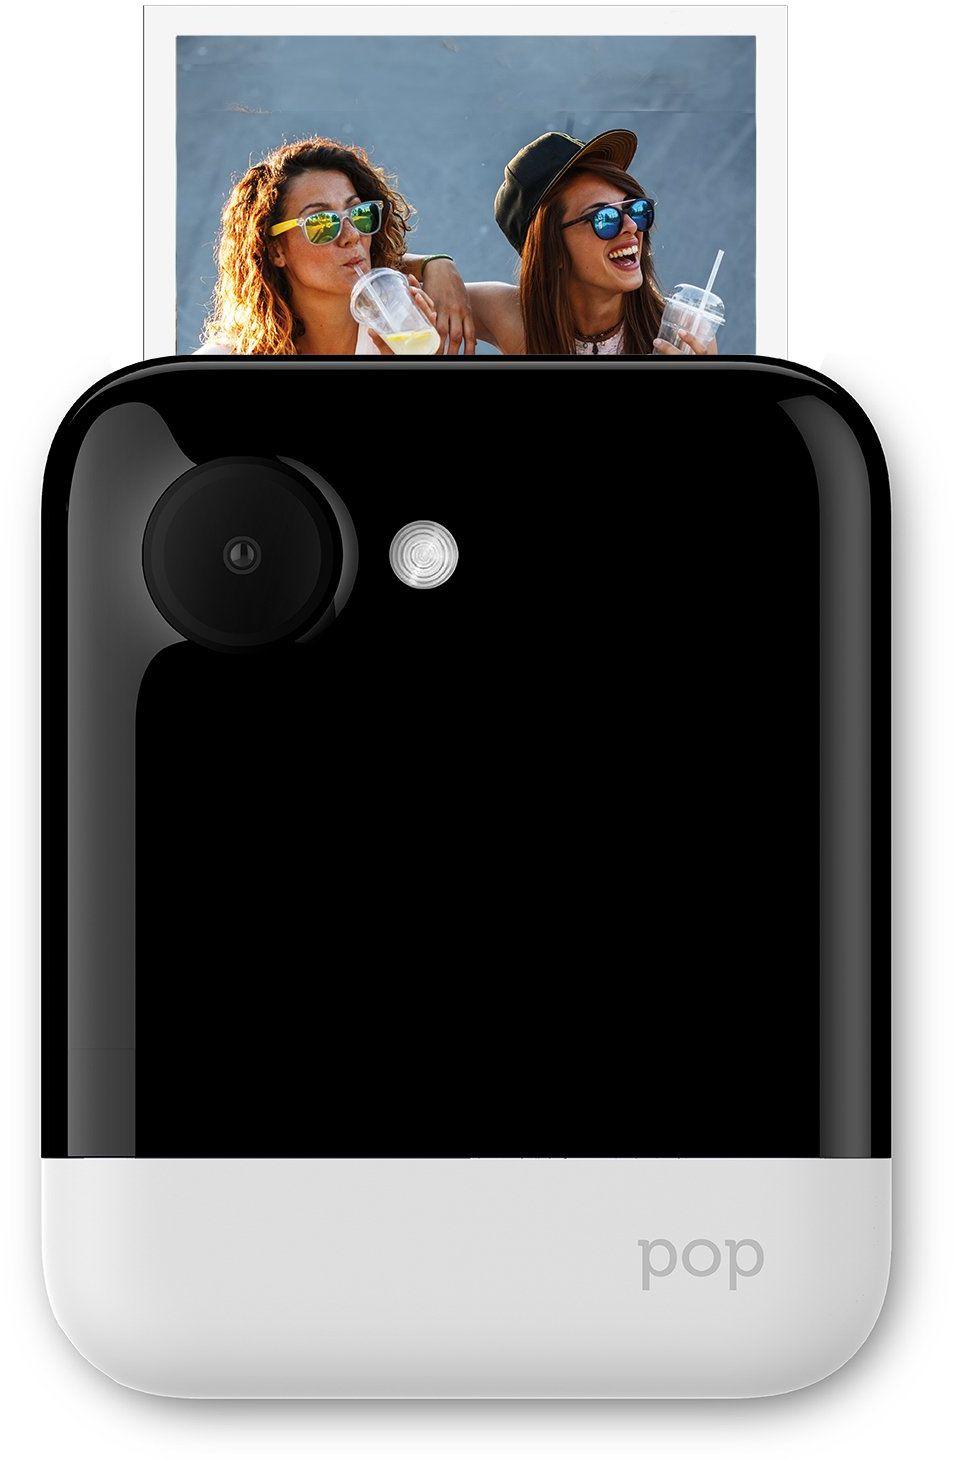 """Polaroid POP 3 x 4"""" (7,6 x 10 cm) aparat cyfrowy do natychmiastowego druku z technologią druku atramentowego ZINK Zero  biały"""